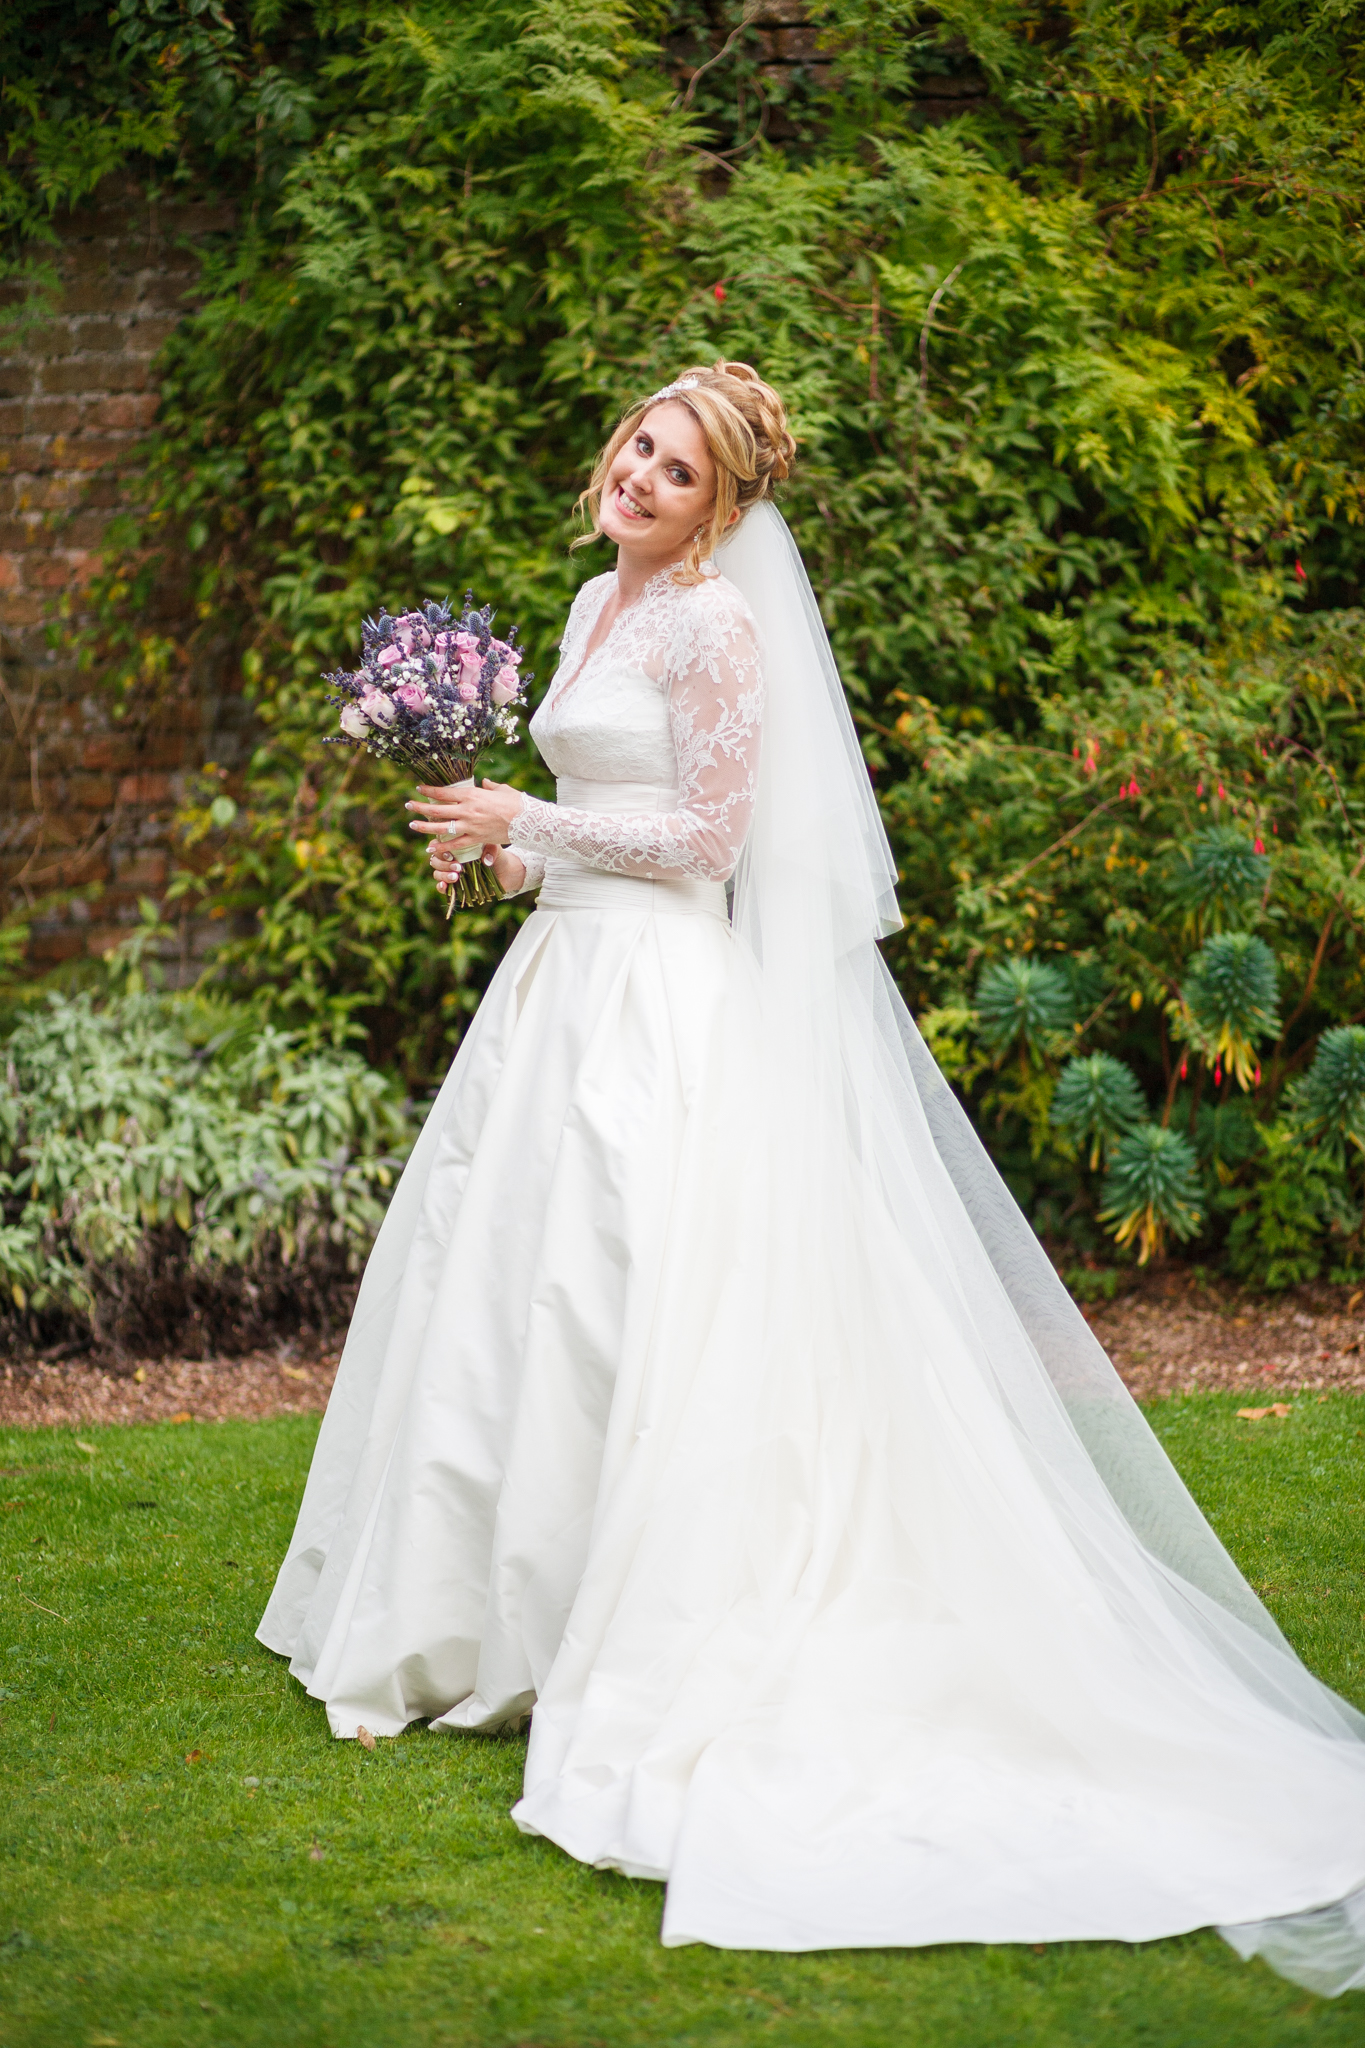 Simon_Rawling_Wedding_Photography-539.jpg